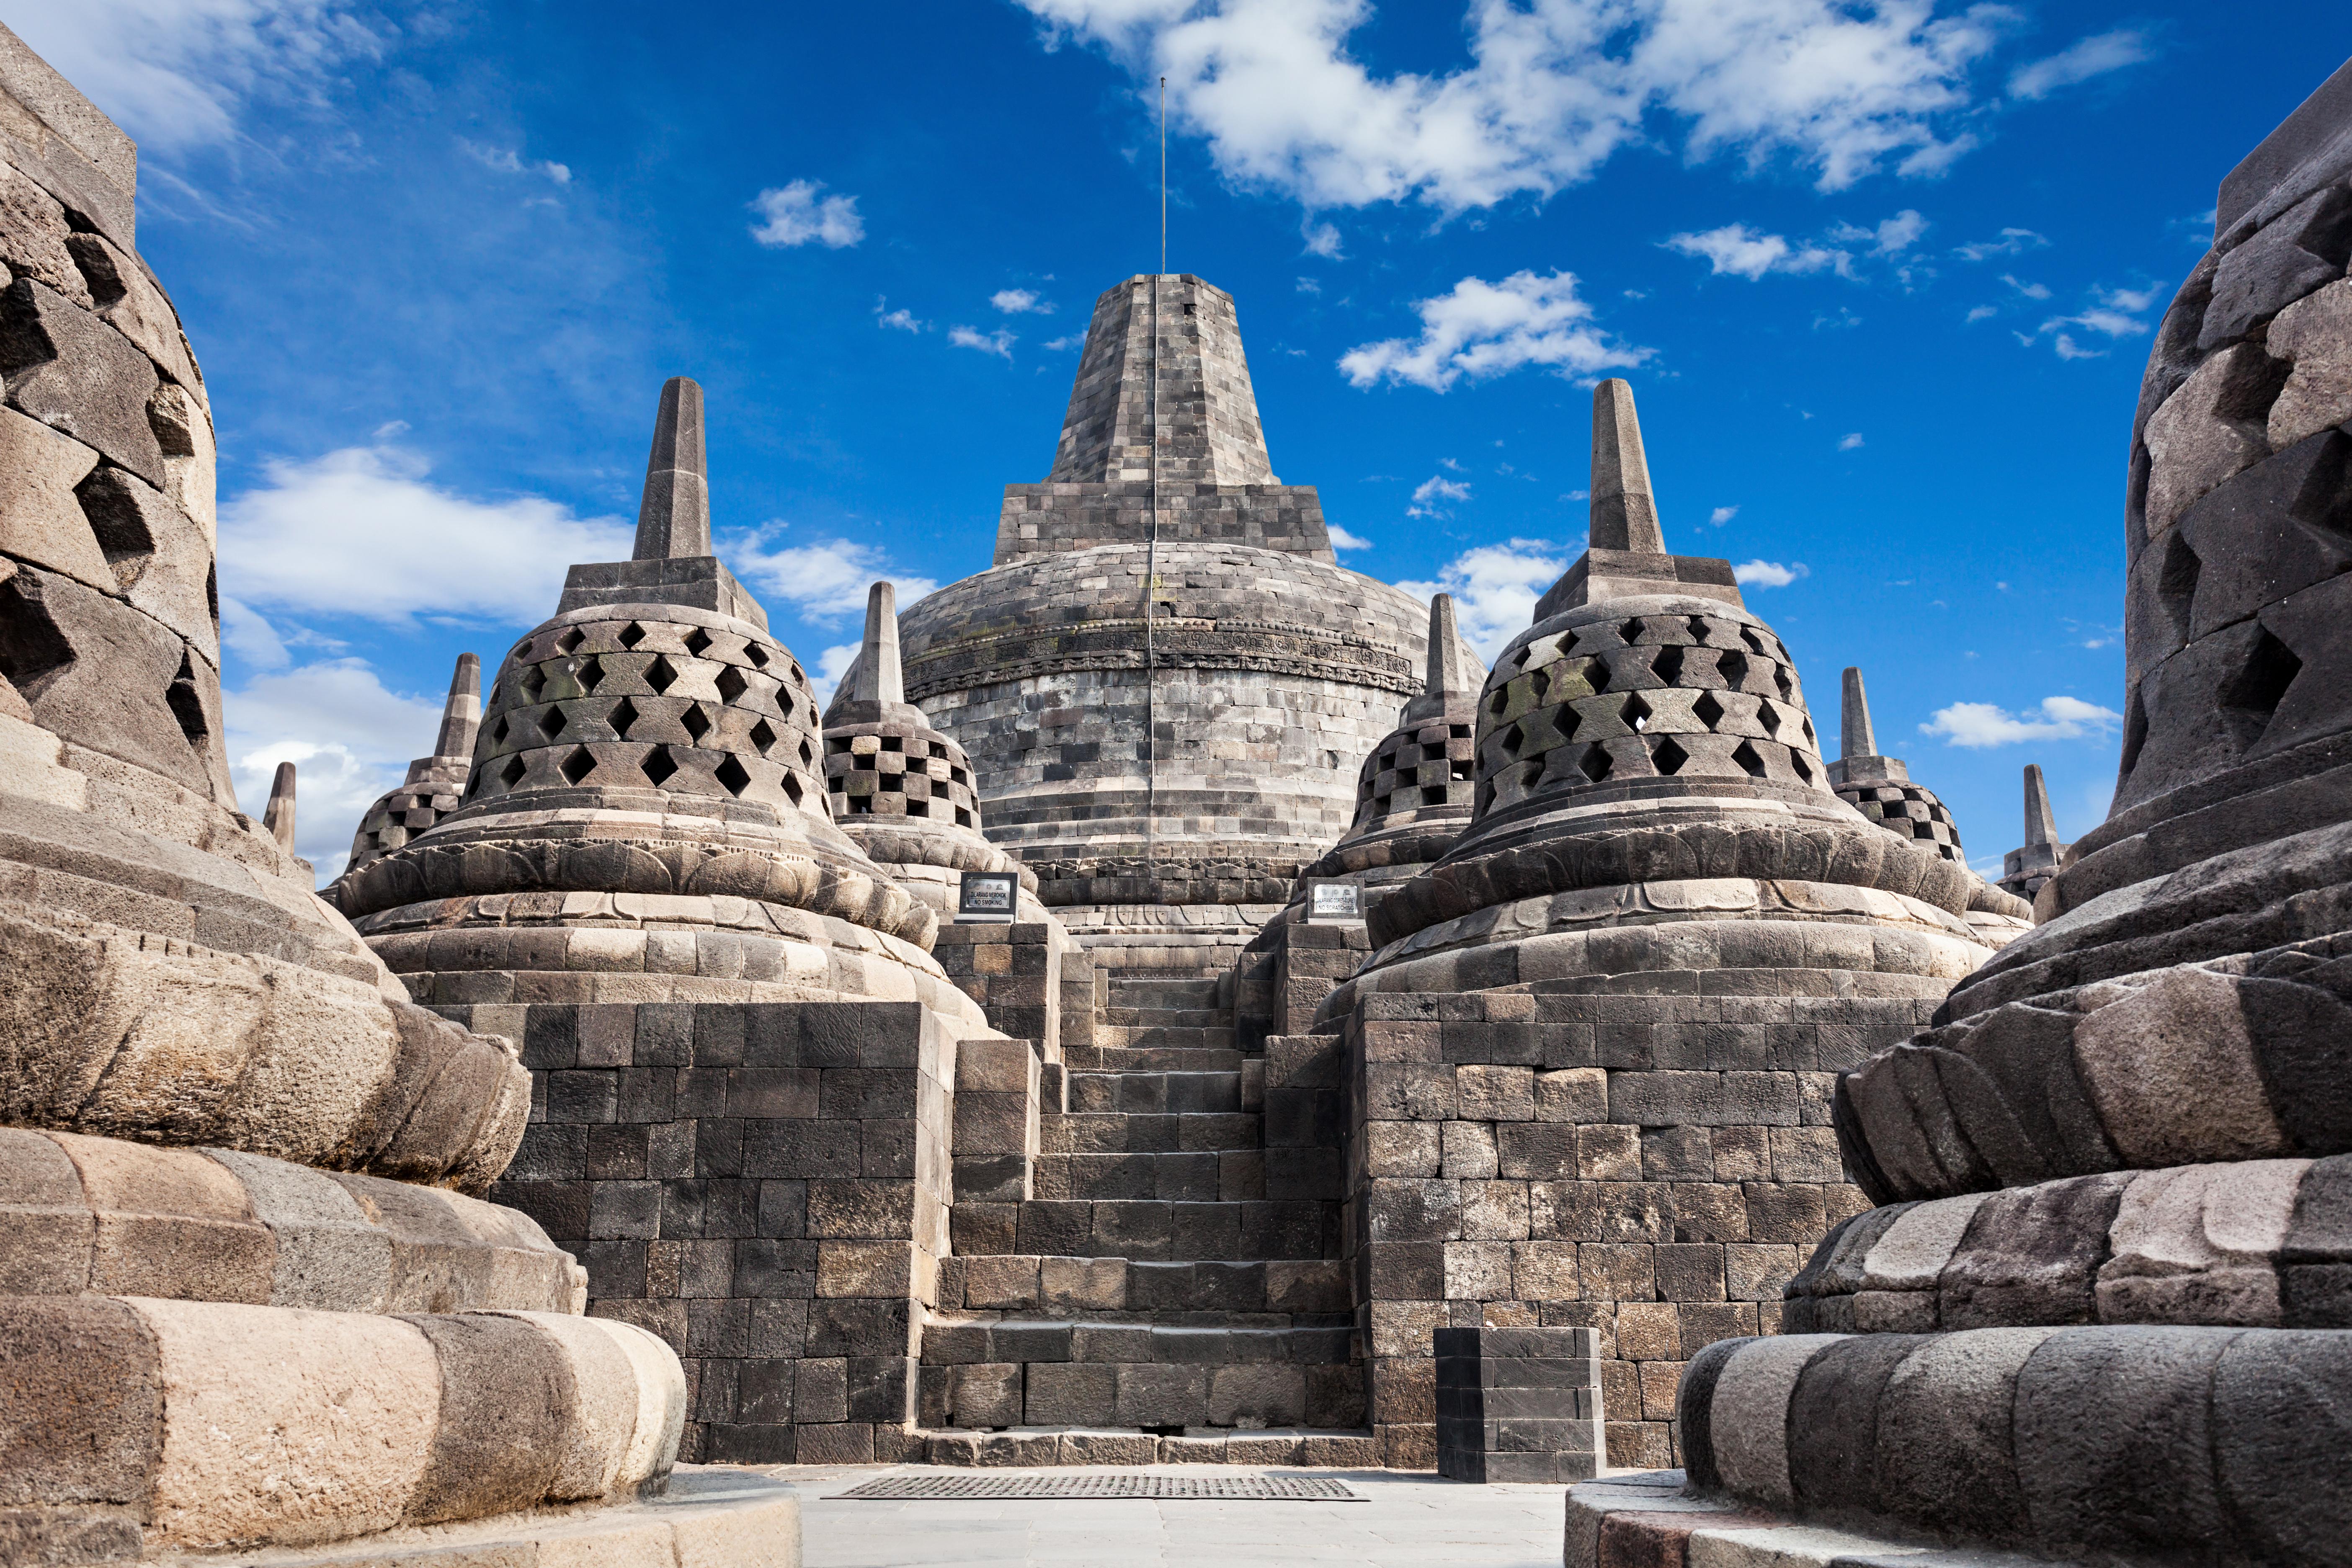 ปีใหม่-ทัวร์อินโดนีเซีย-มหัศจรรย์-AEC-บาหลี+มรดกโลกบุโรพุทโธ-4วัน-3คืน-(SEP18-FEB19)(TG)-TG001